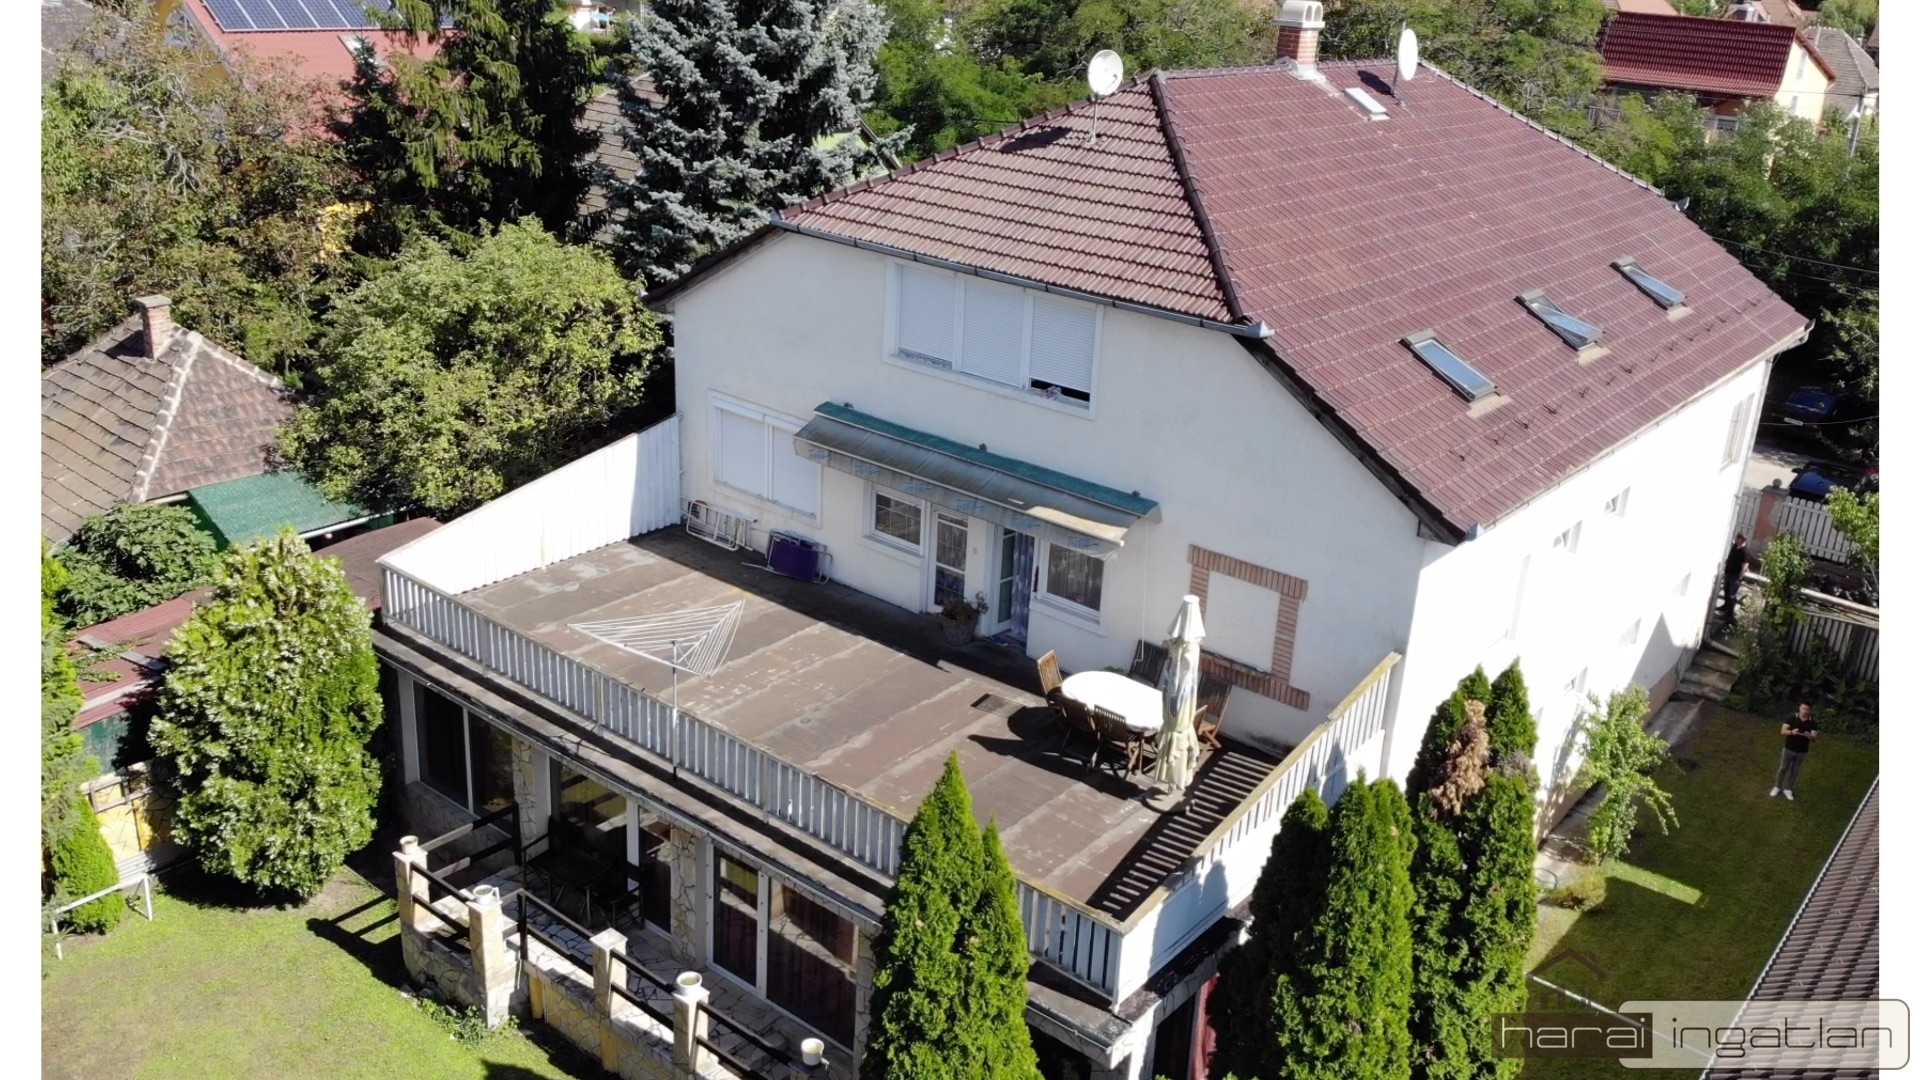 1151 Budapest XV. Kerület Realestate.15 Eladó Ház (#0301201961)